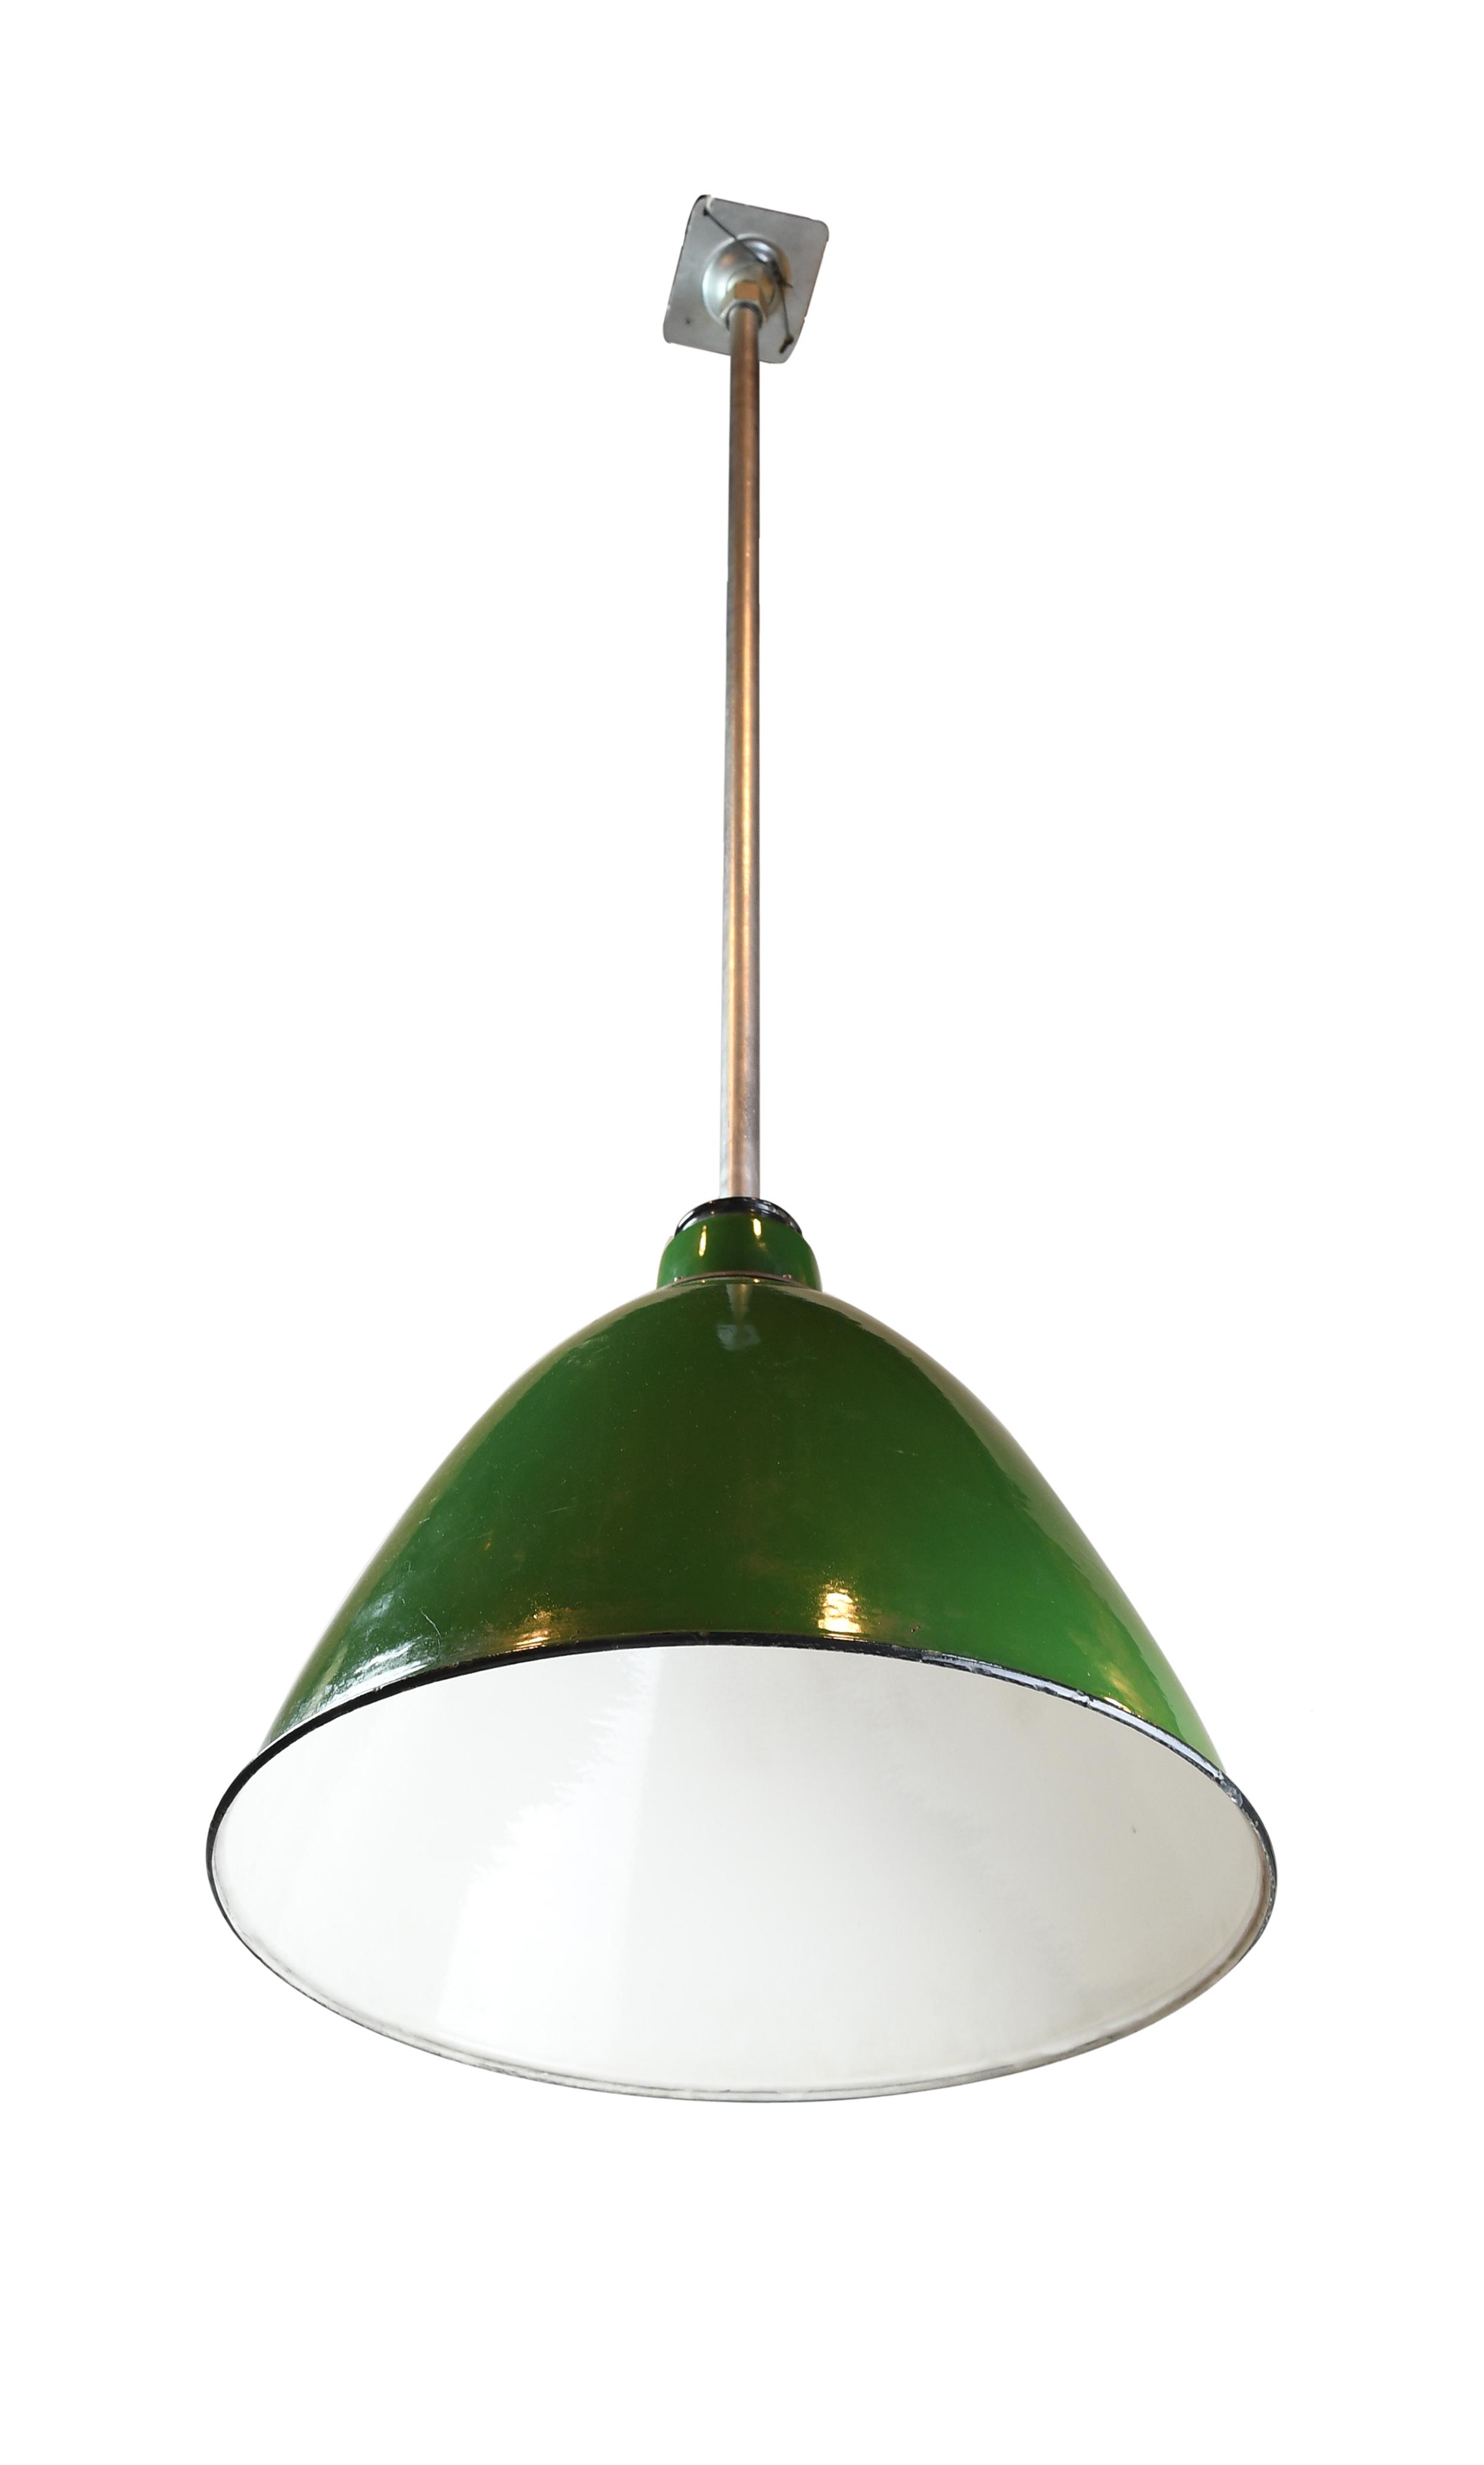 47528-green-enamel-warehouse-light-detail-14.jpg